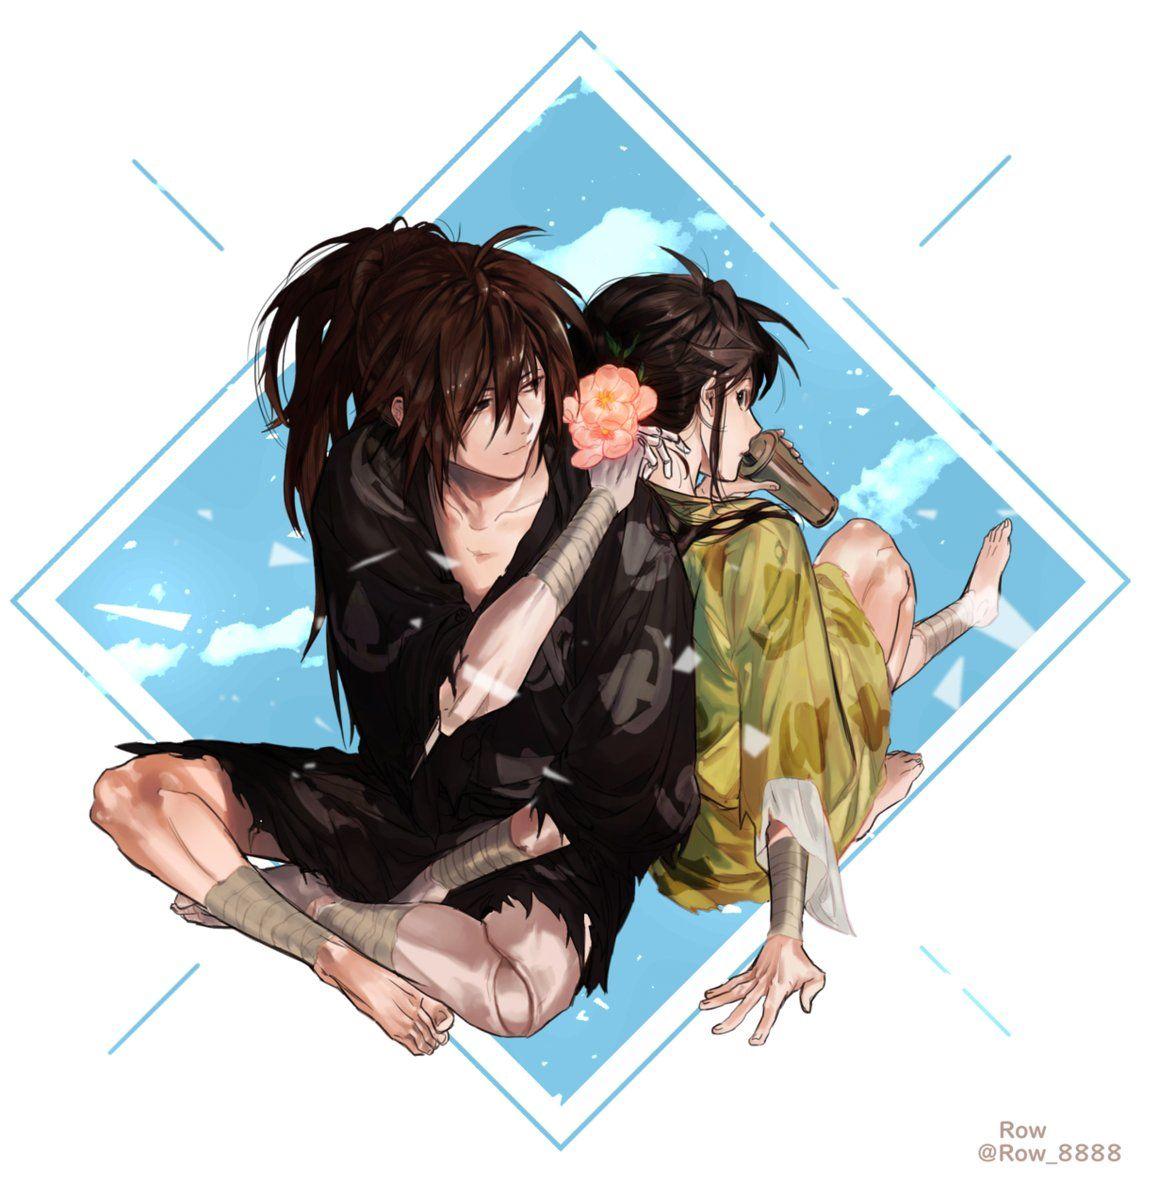 ทวิตเตอร์ Anime, Anime hands, Anime art